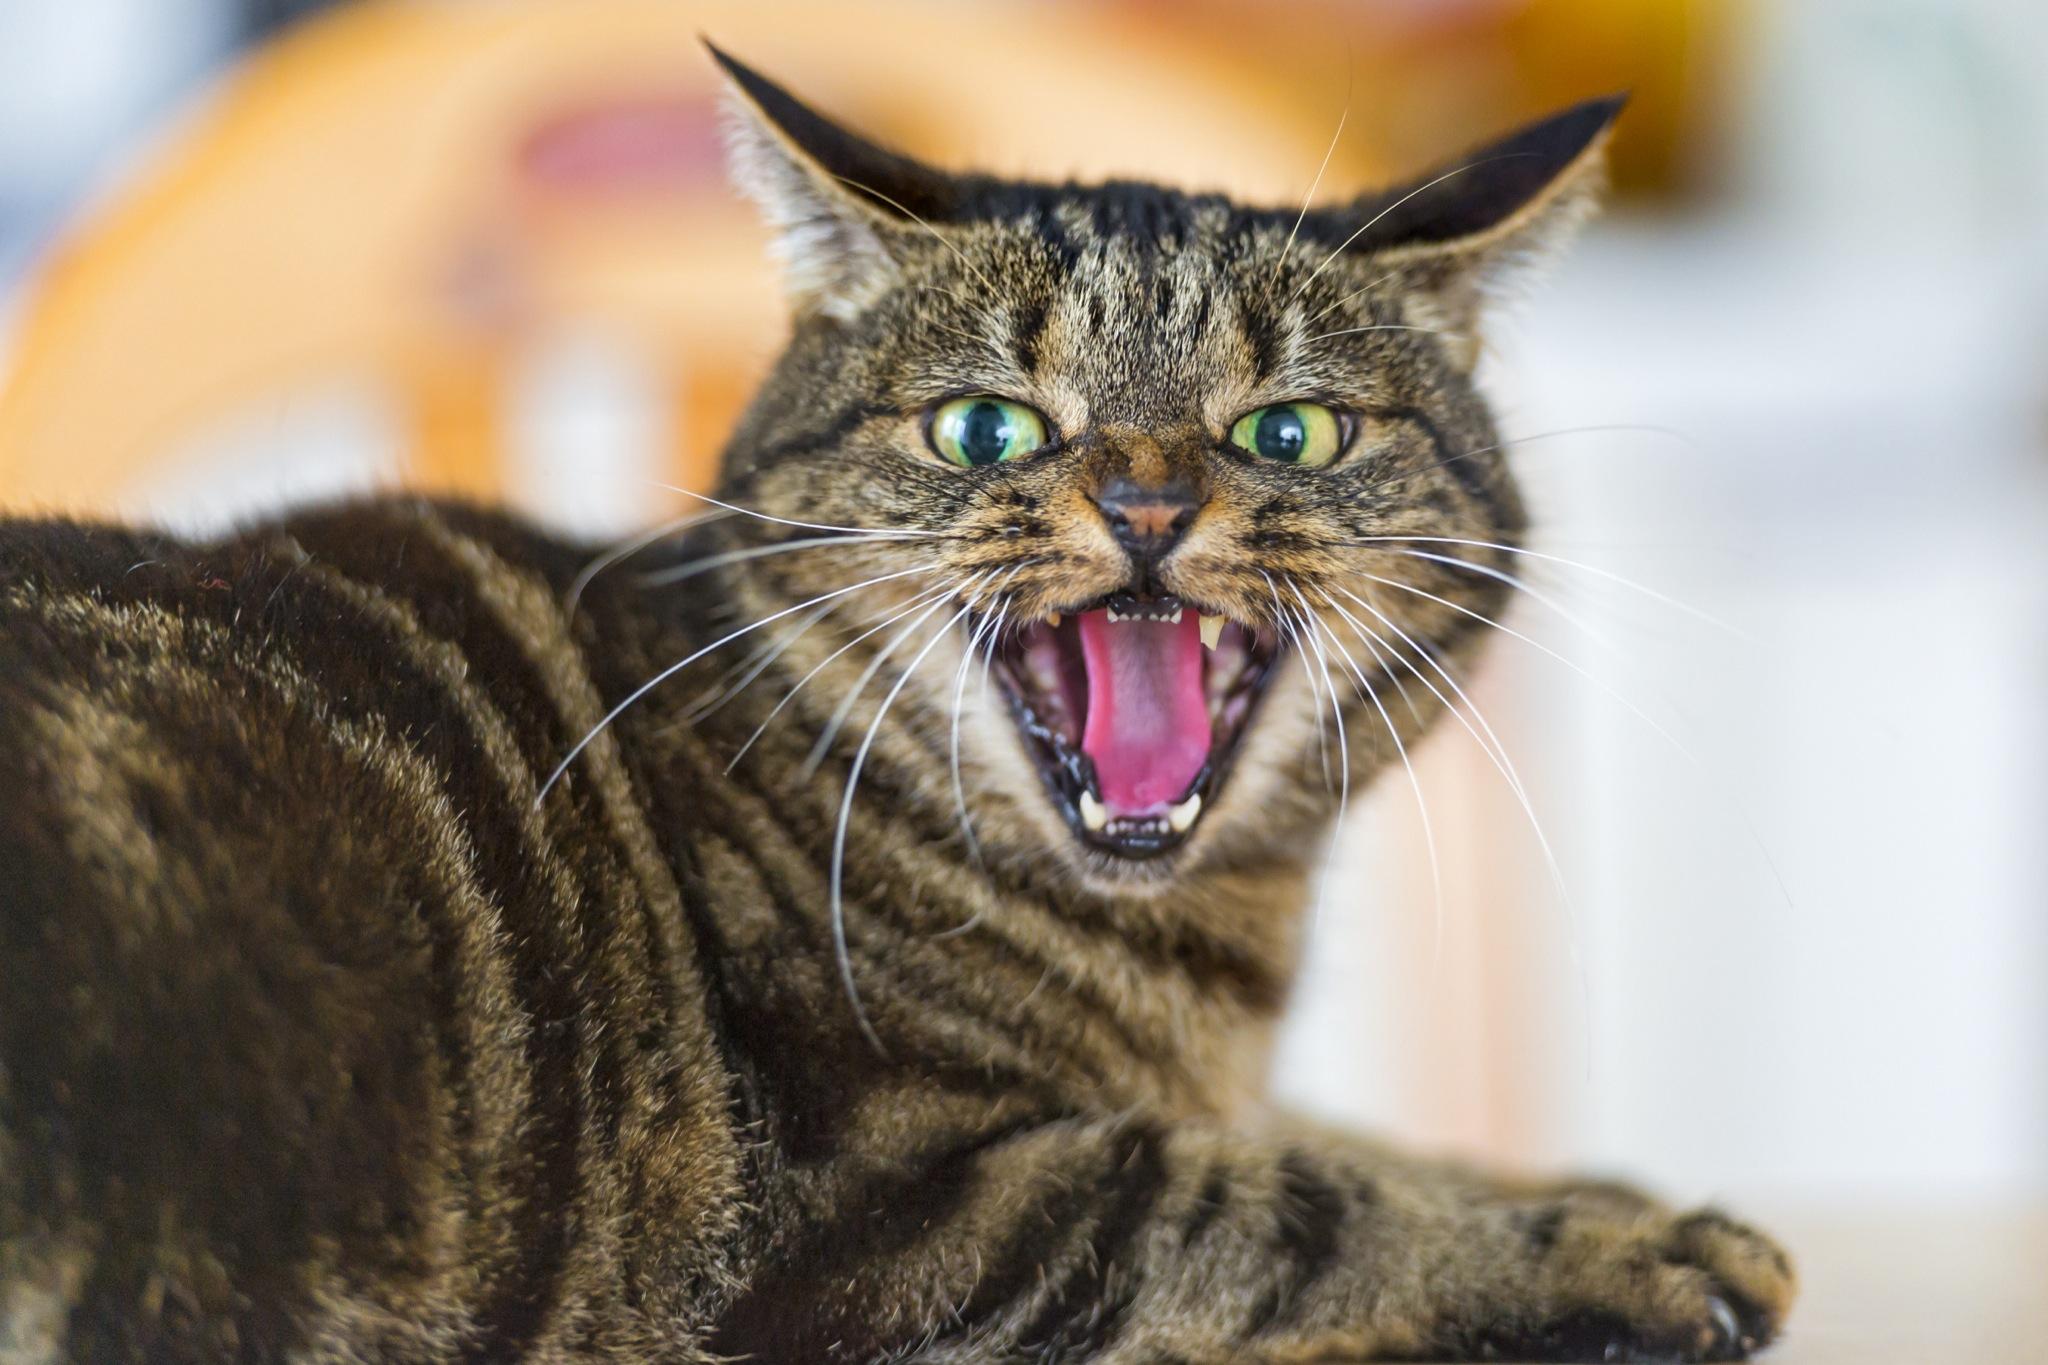 目つき悪い威嚇する猫